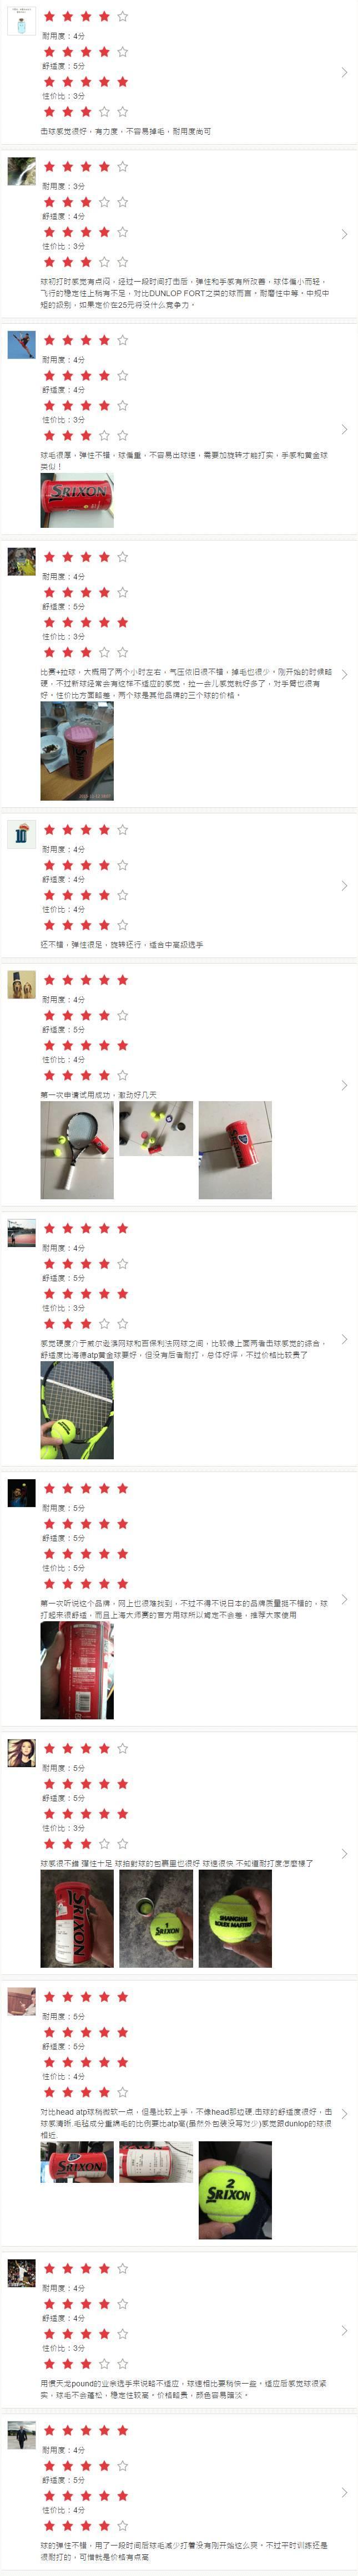 【第6期】Srixon 网球 评测报告